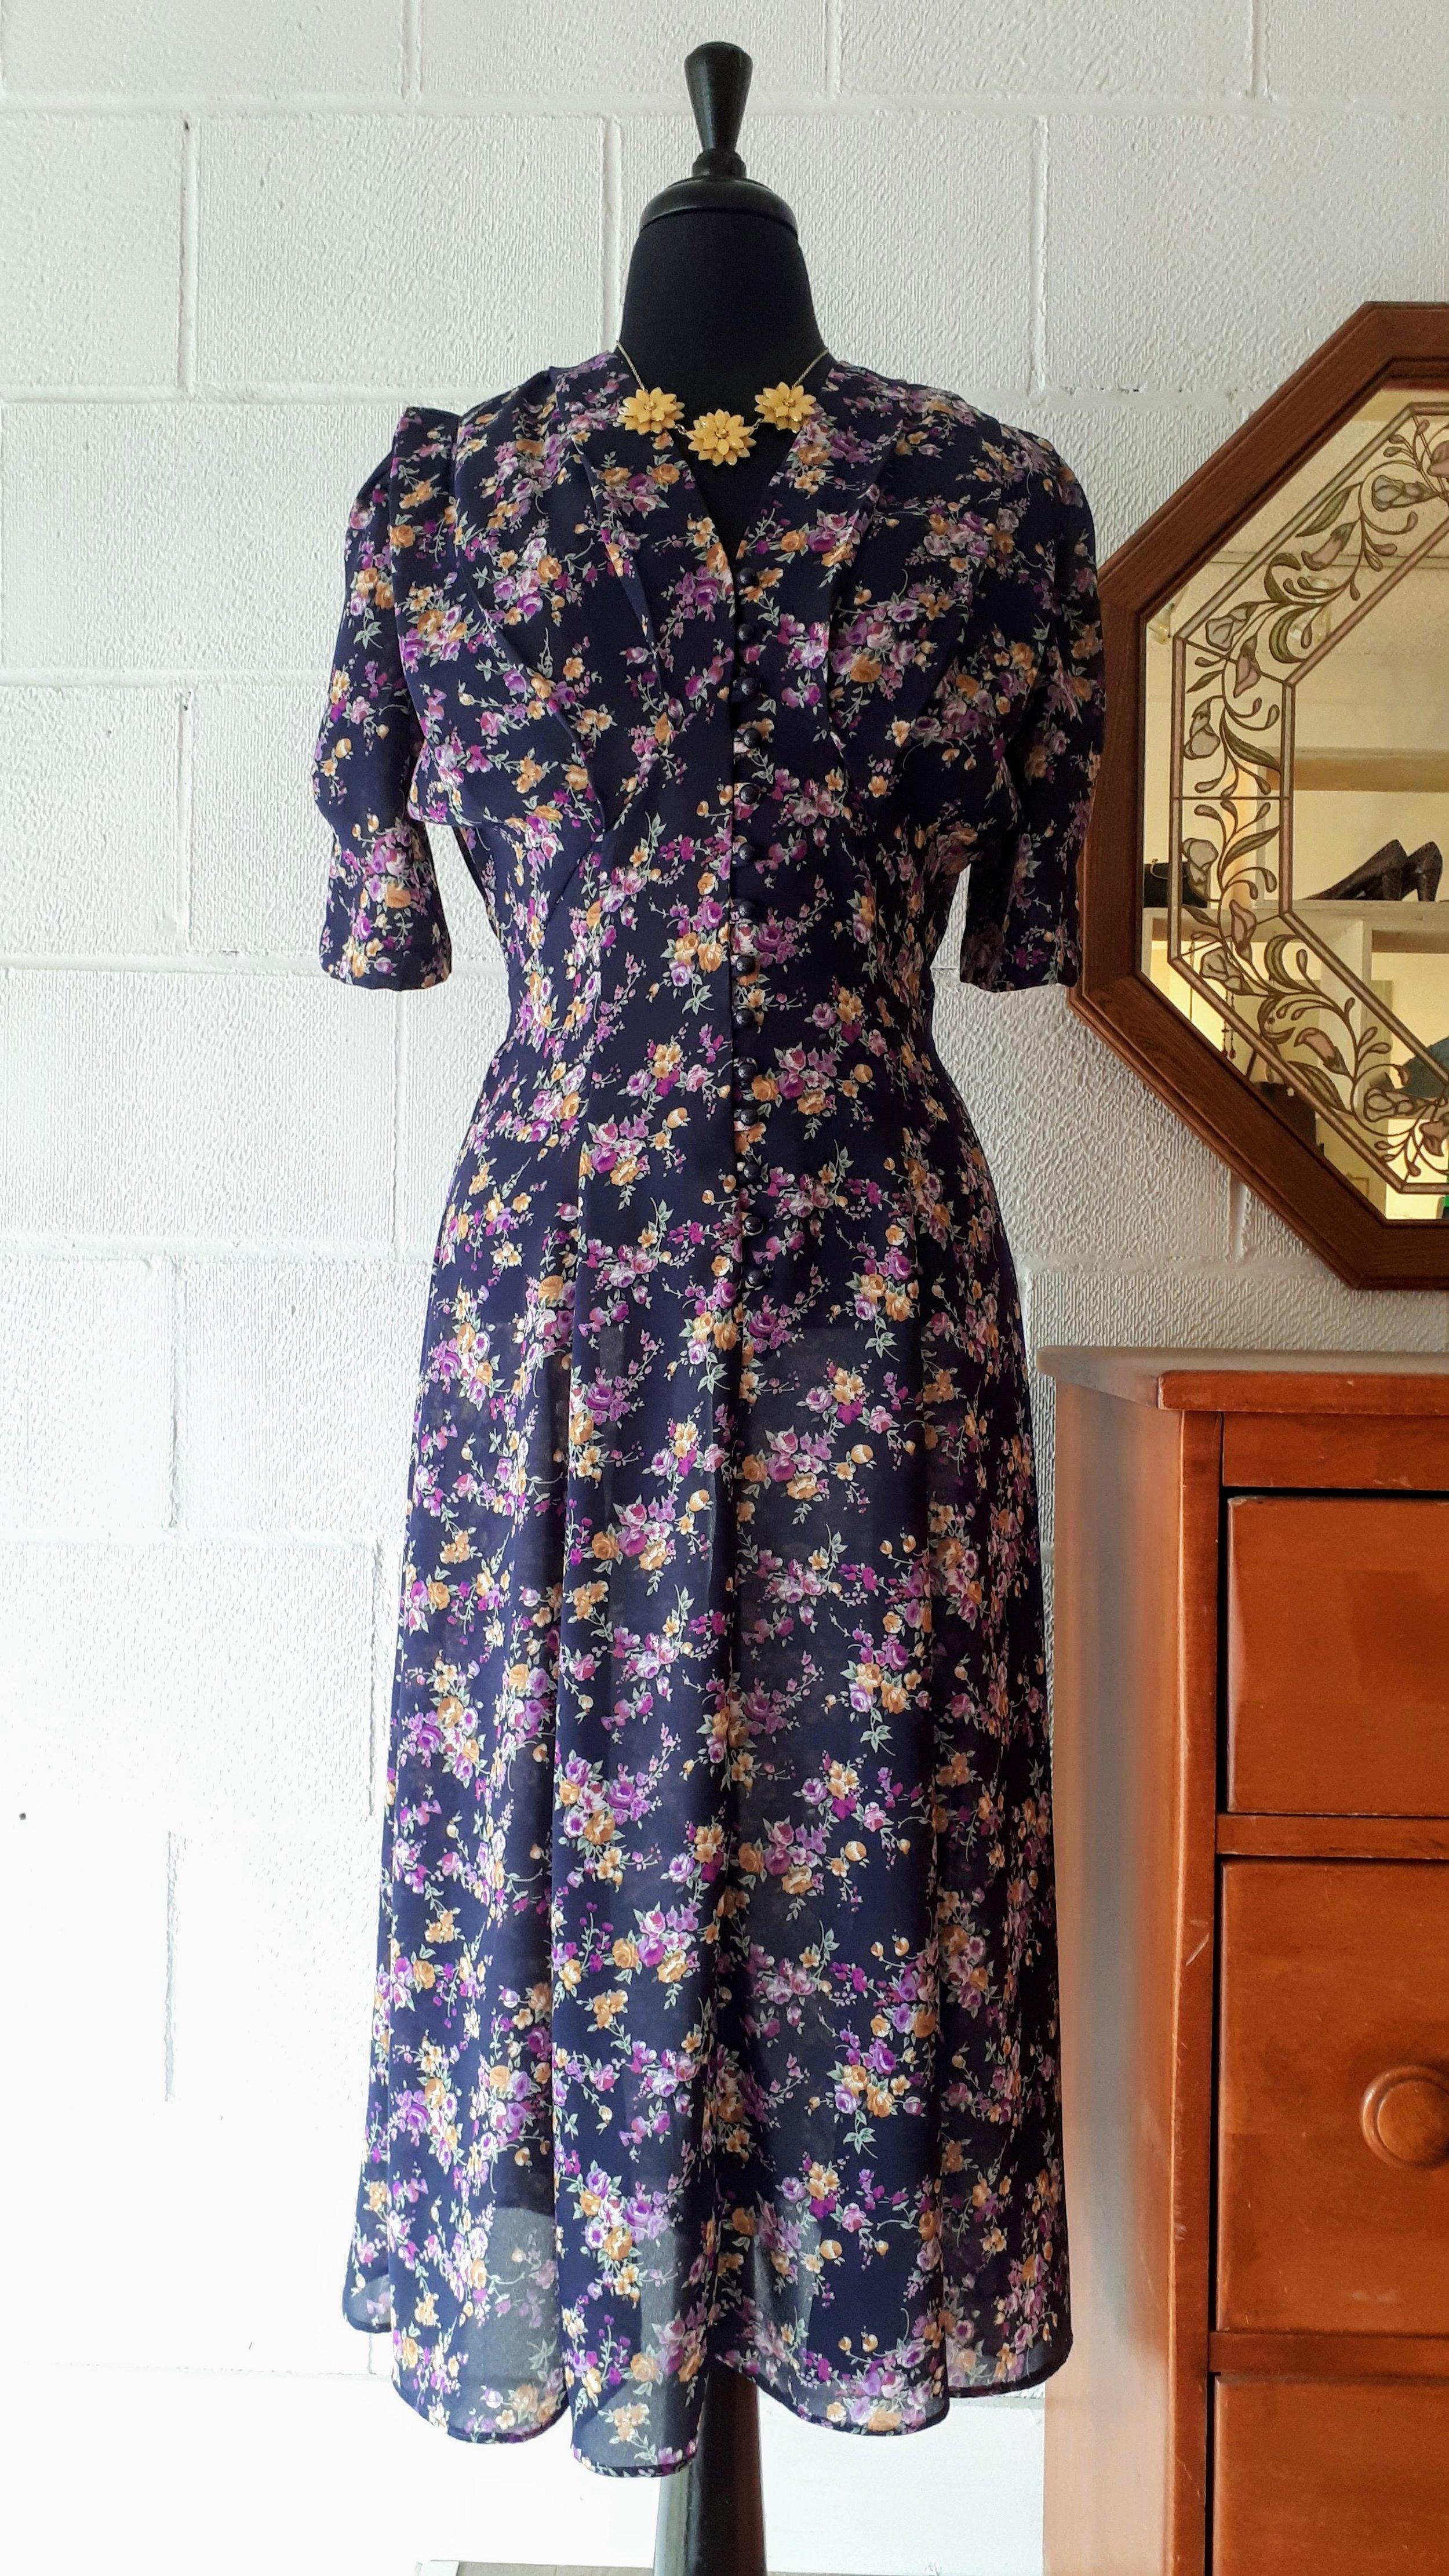 Floral dress; Size M, $28